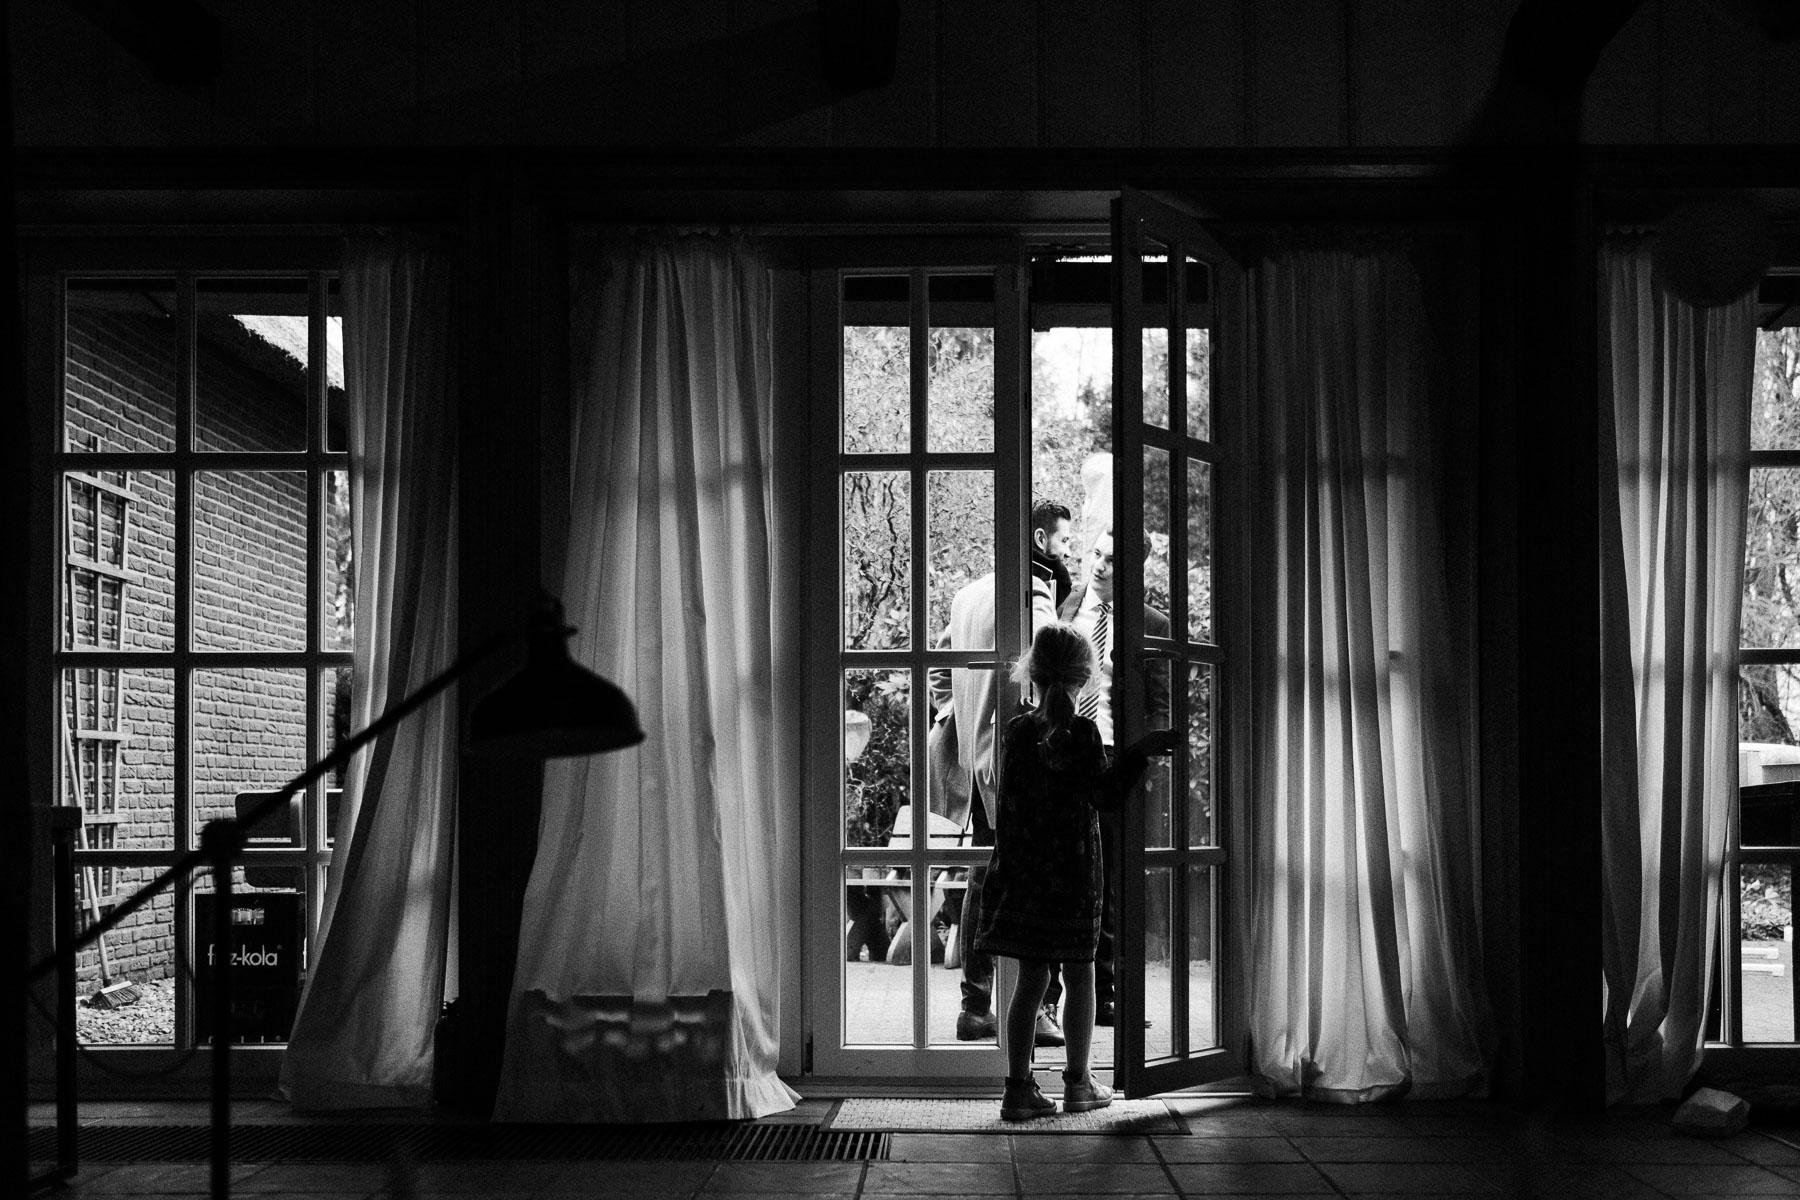 vor einem bodenlangem Sprossenfenster in einem Landhaus steht ein kleines Mädchen, eine Tür des Fenster steht offen, vor den Fenstern hängen helle, leichte Gardinen